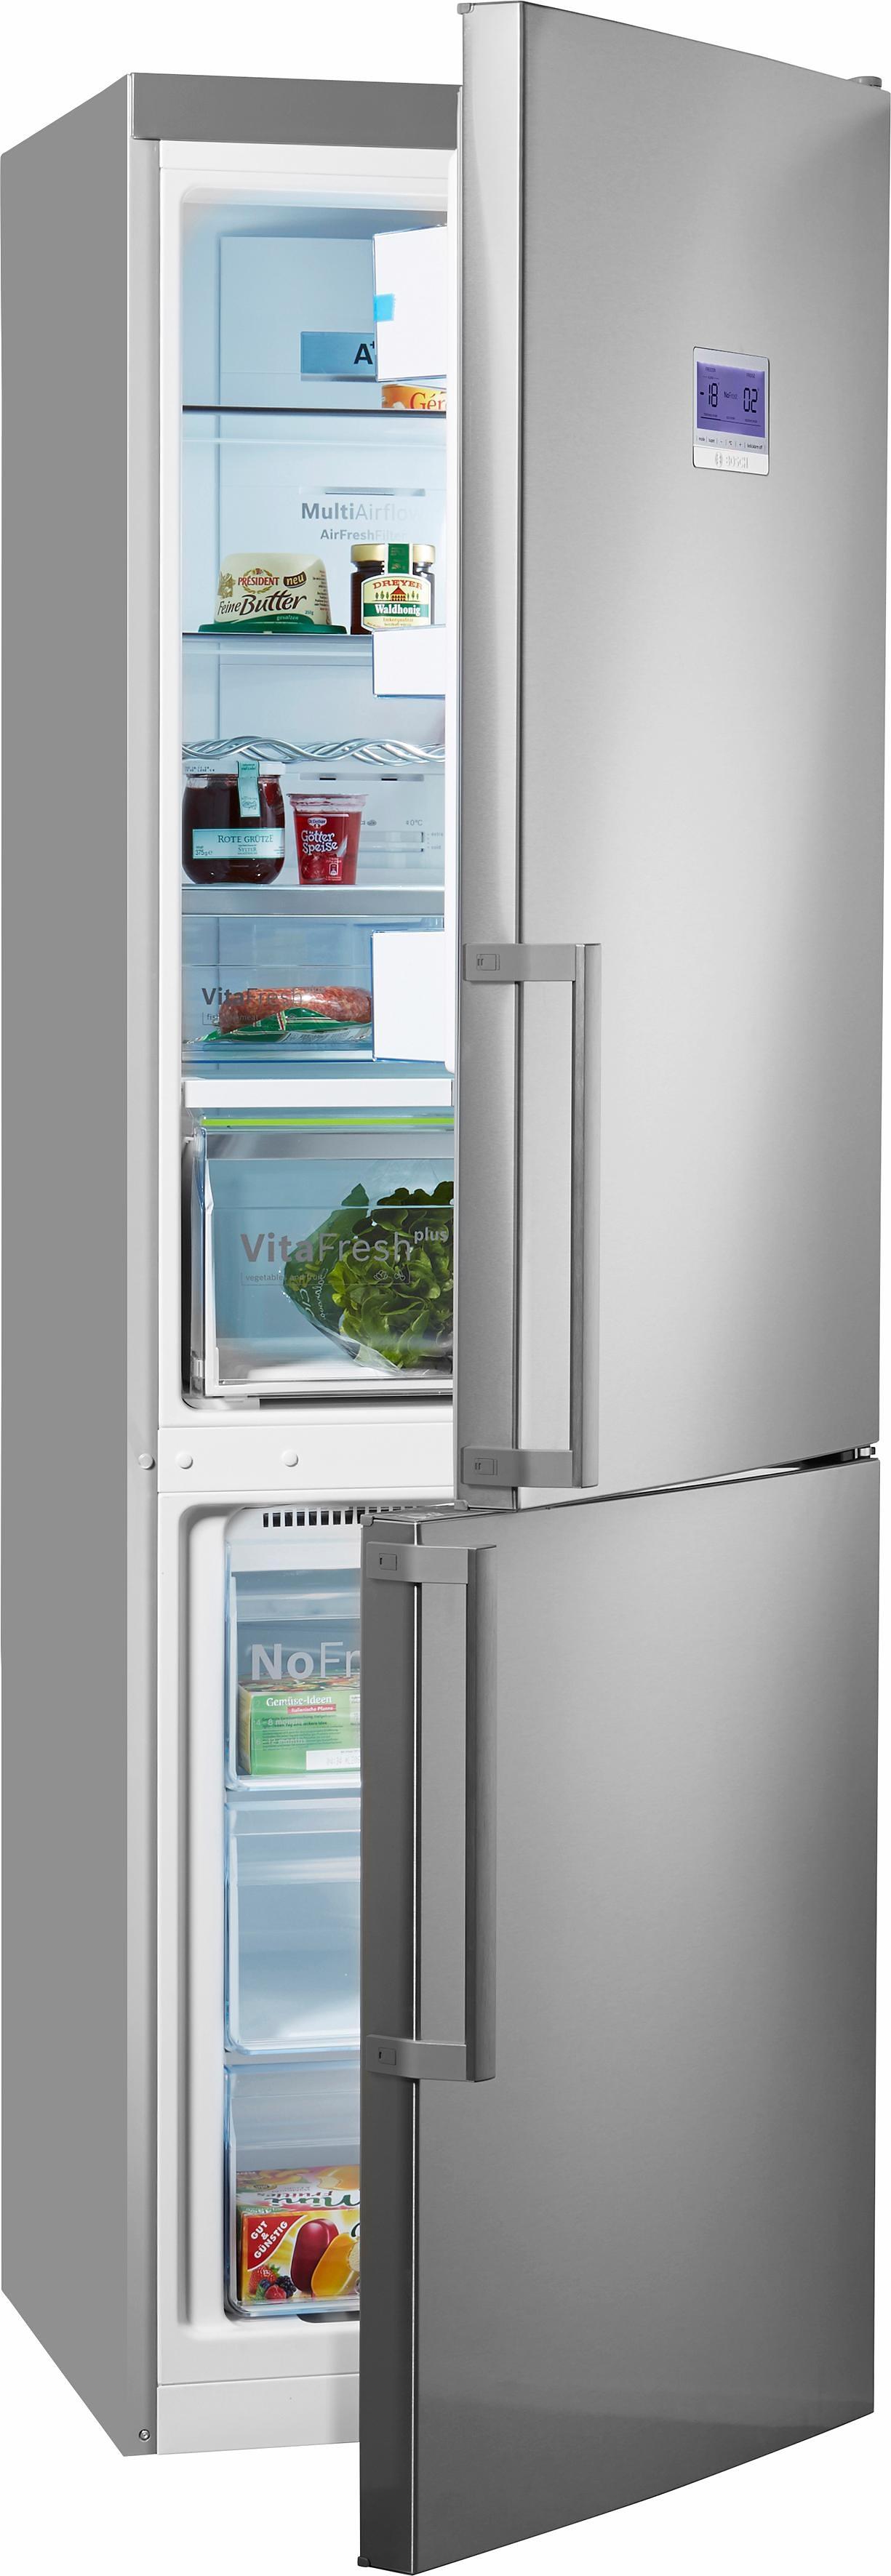 Bosch koel-vriescombinatie KGN36AI45, A+++, 186 cm, No Frost goedkoop op otto.nl kopen